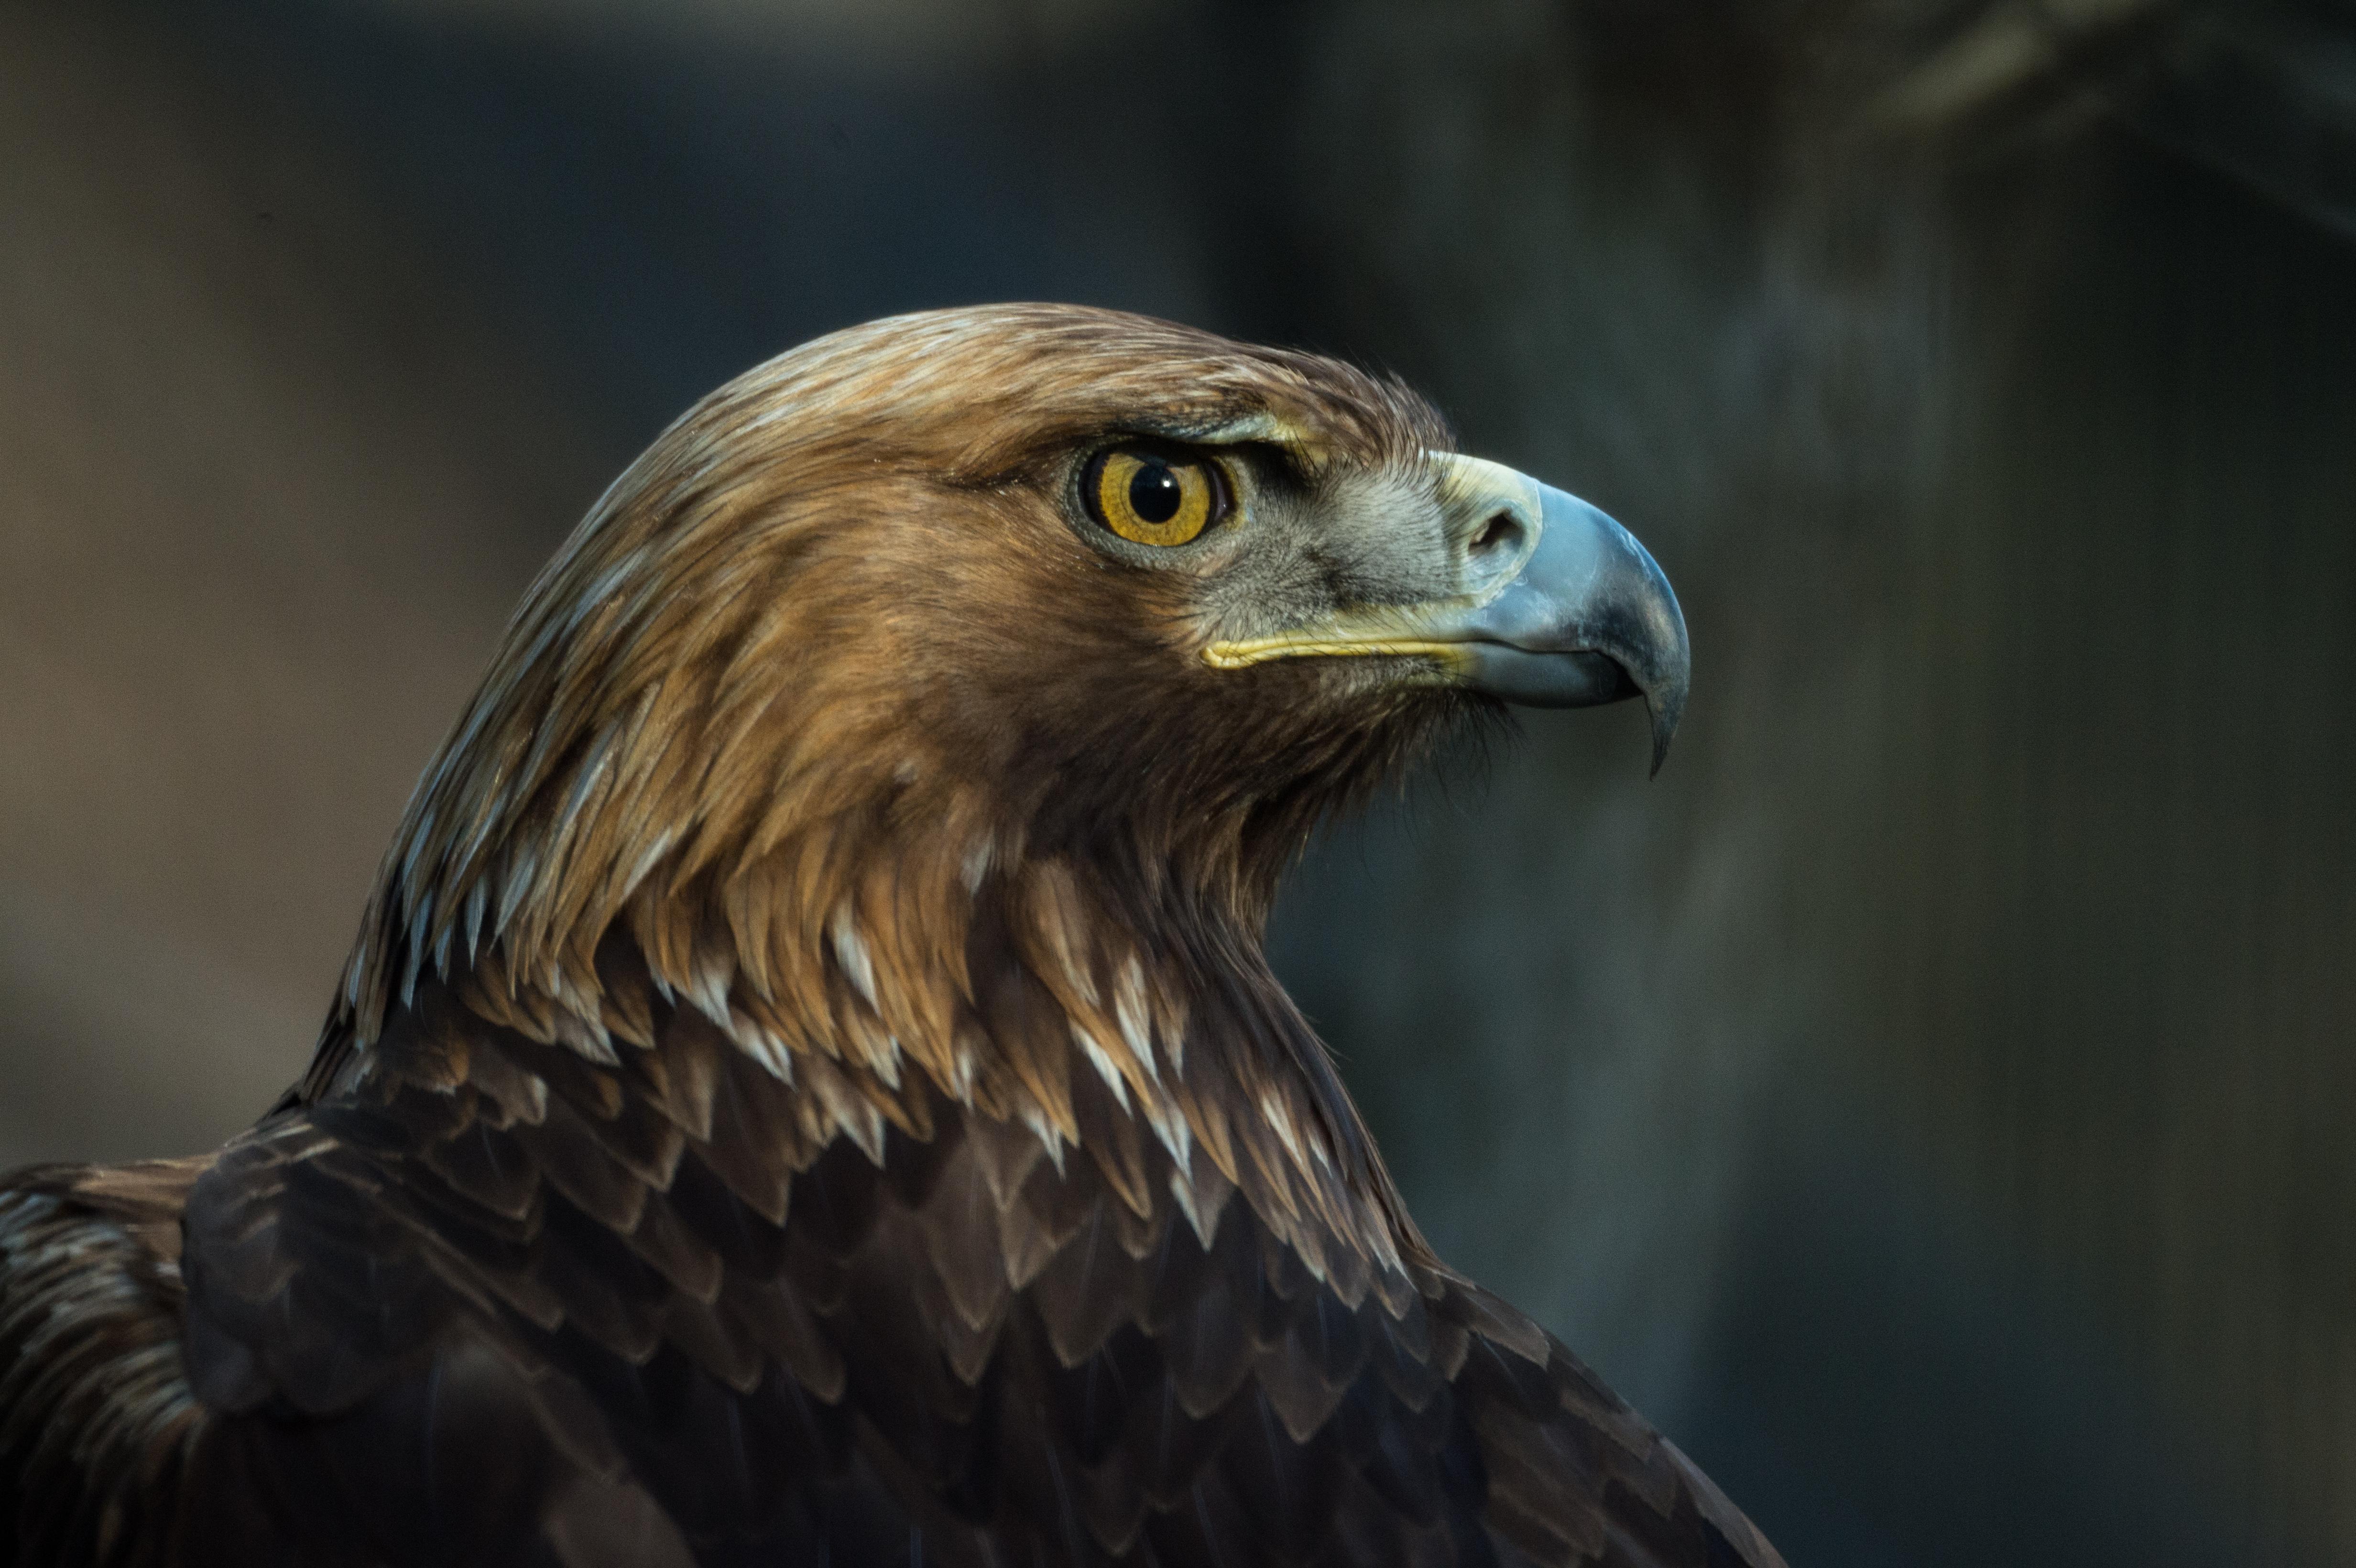 Filegolden Eagle 13434882845 Jpg